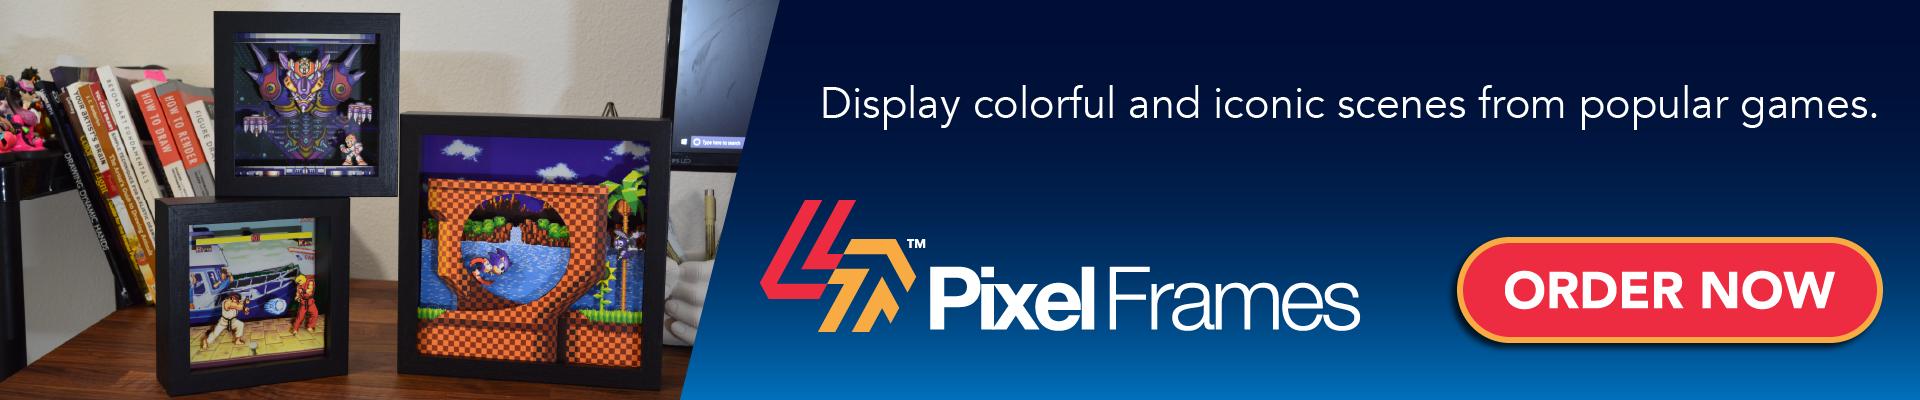 Pixel Frames - Buy Now